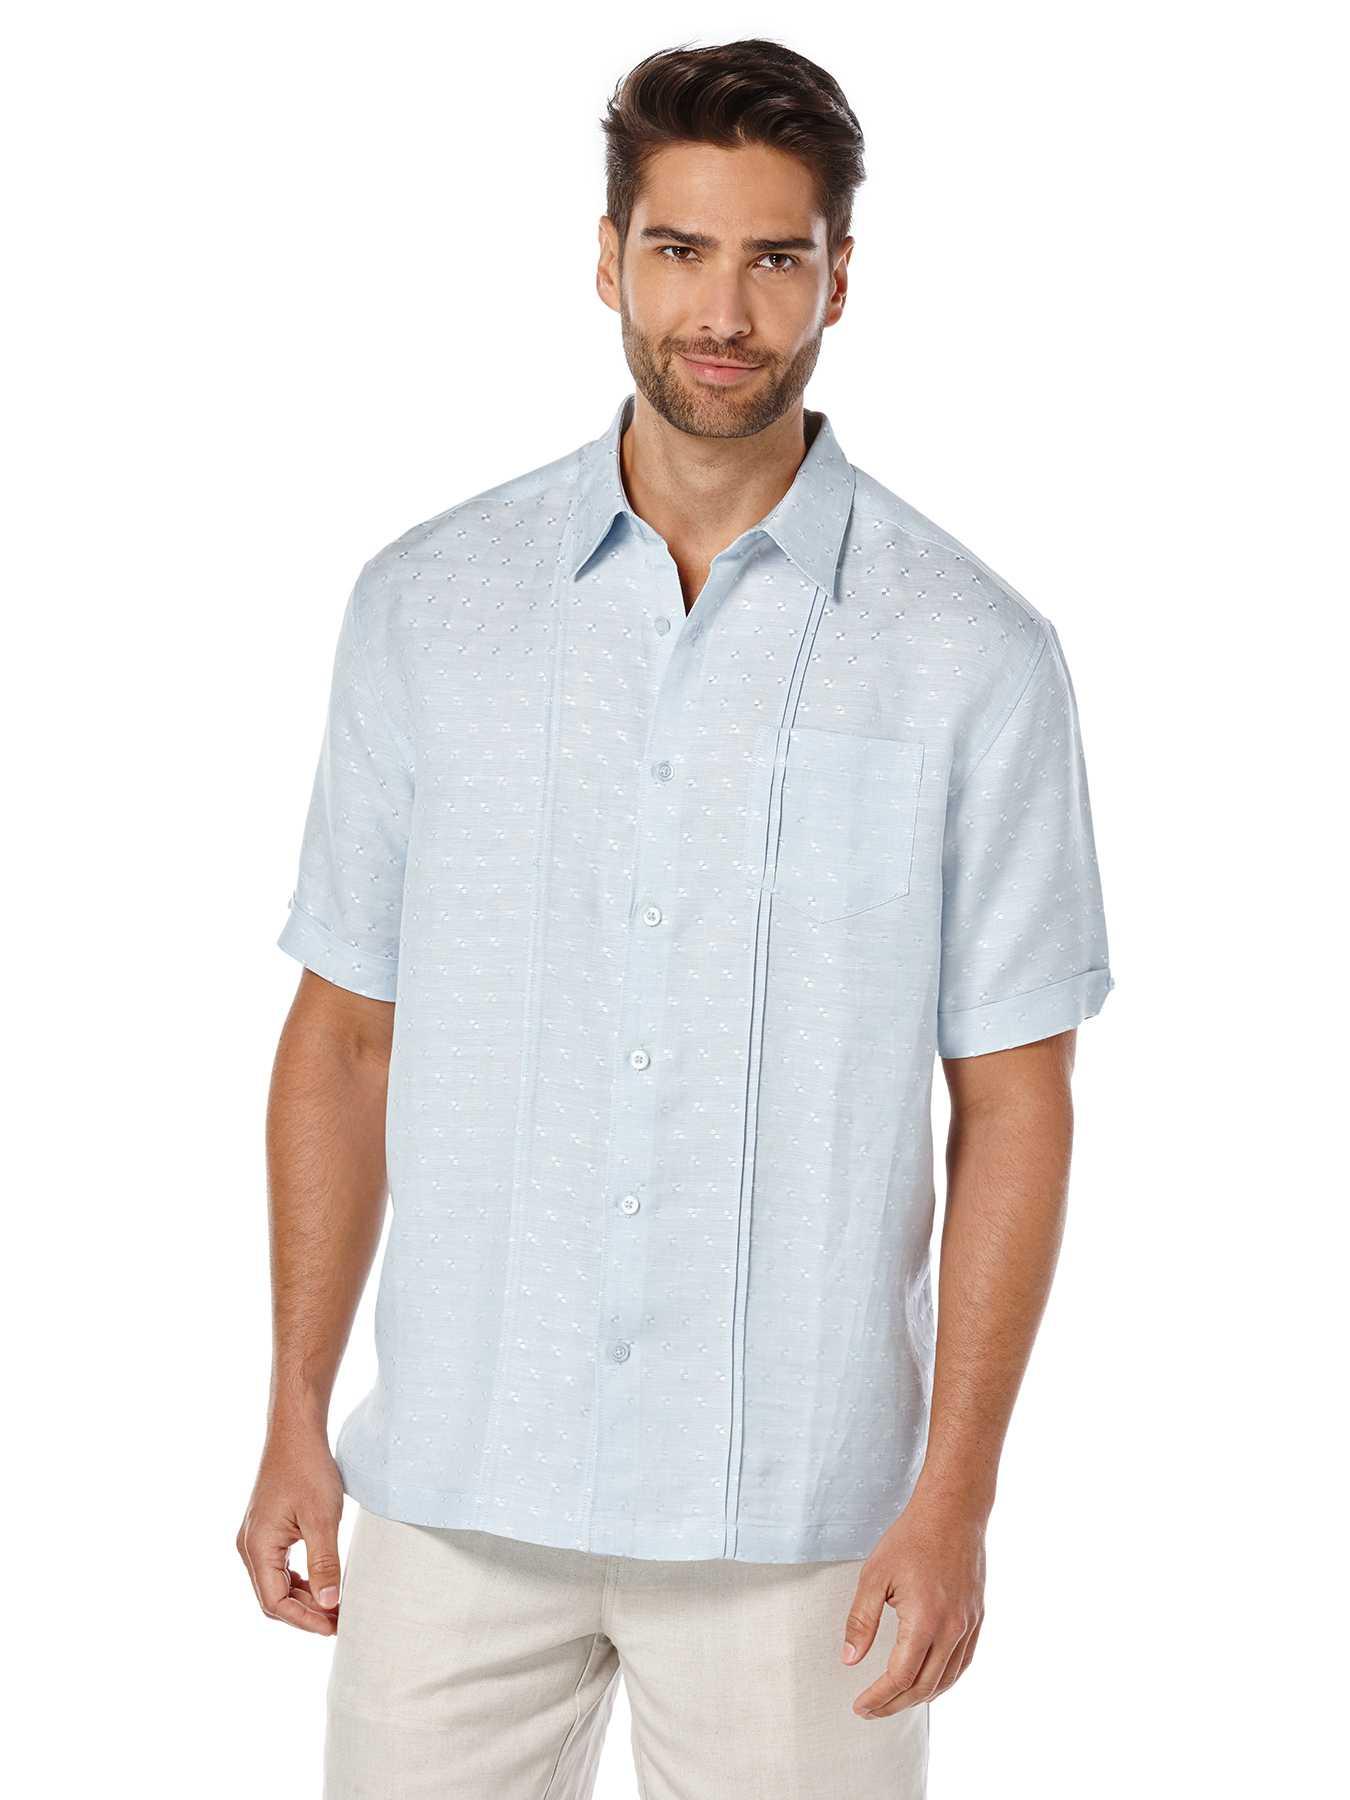 Cubavera Short Sleeve 1 Pocket Dobby Texture with Tucks Shirt